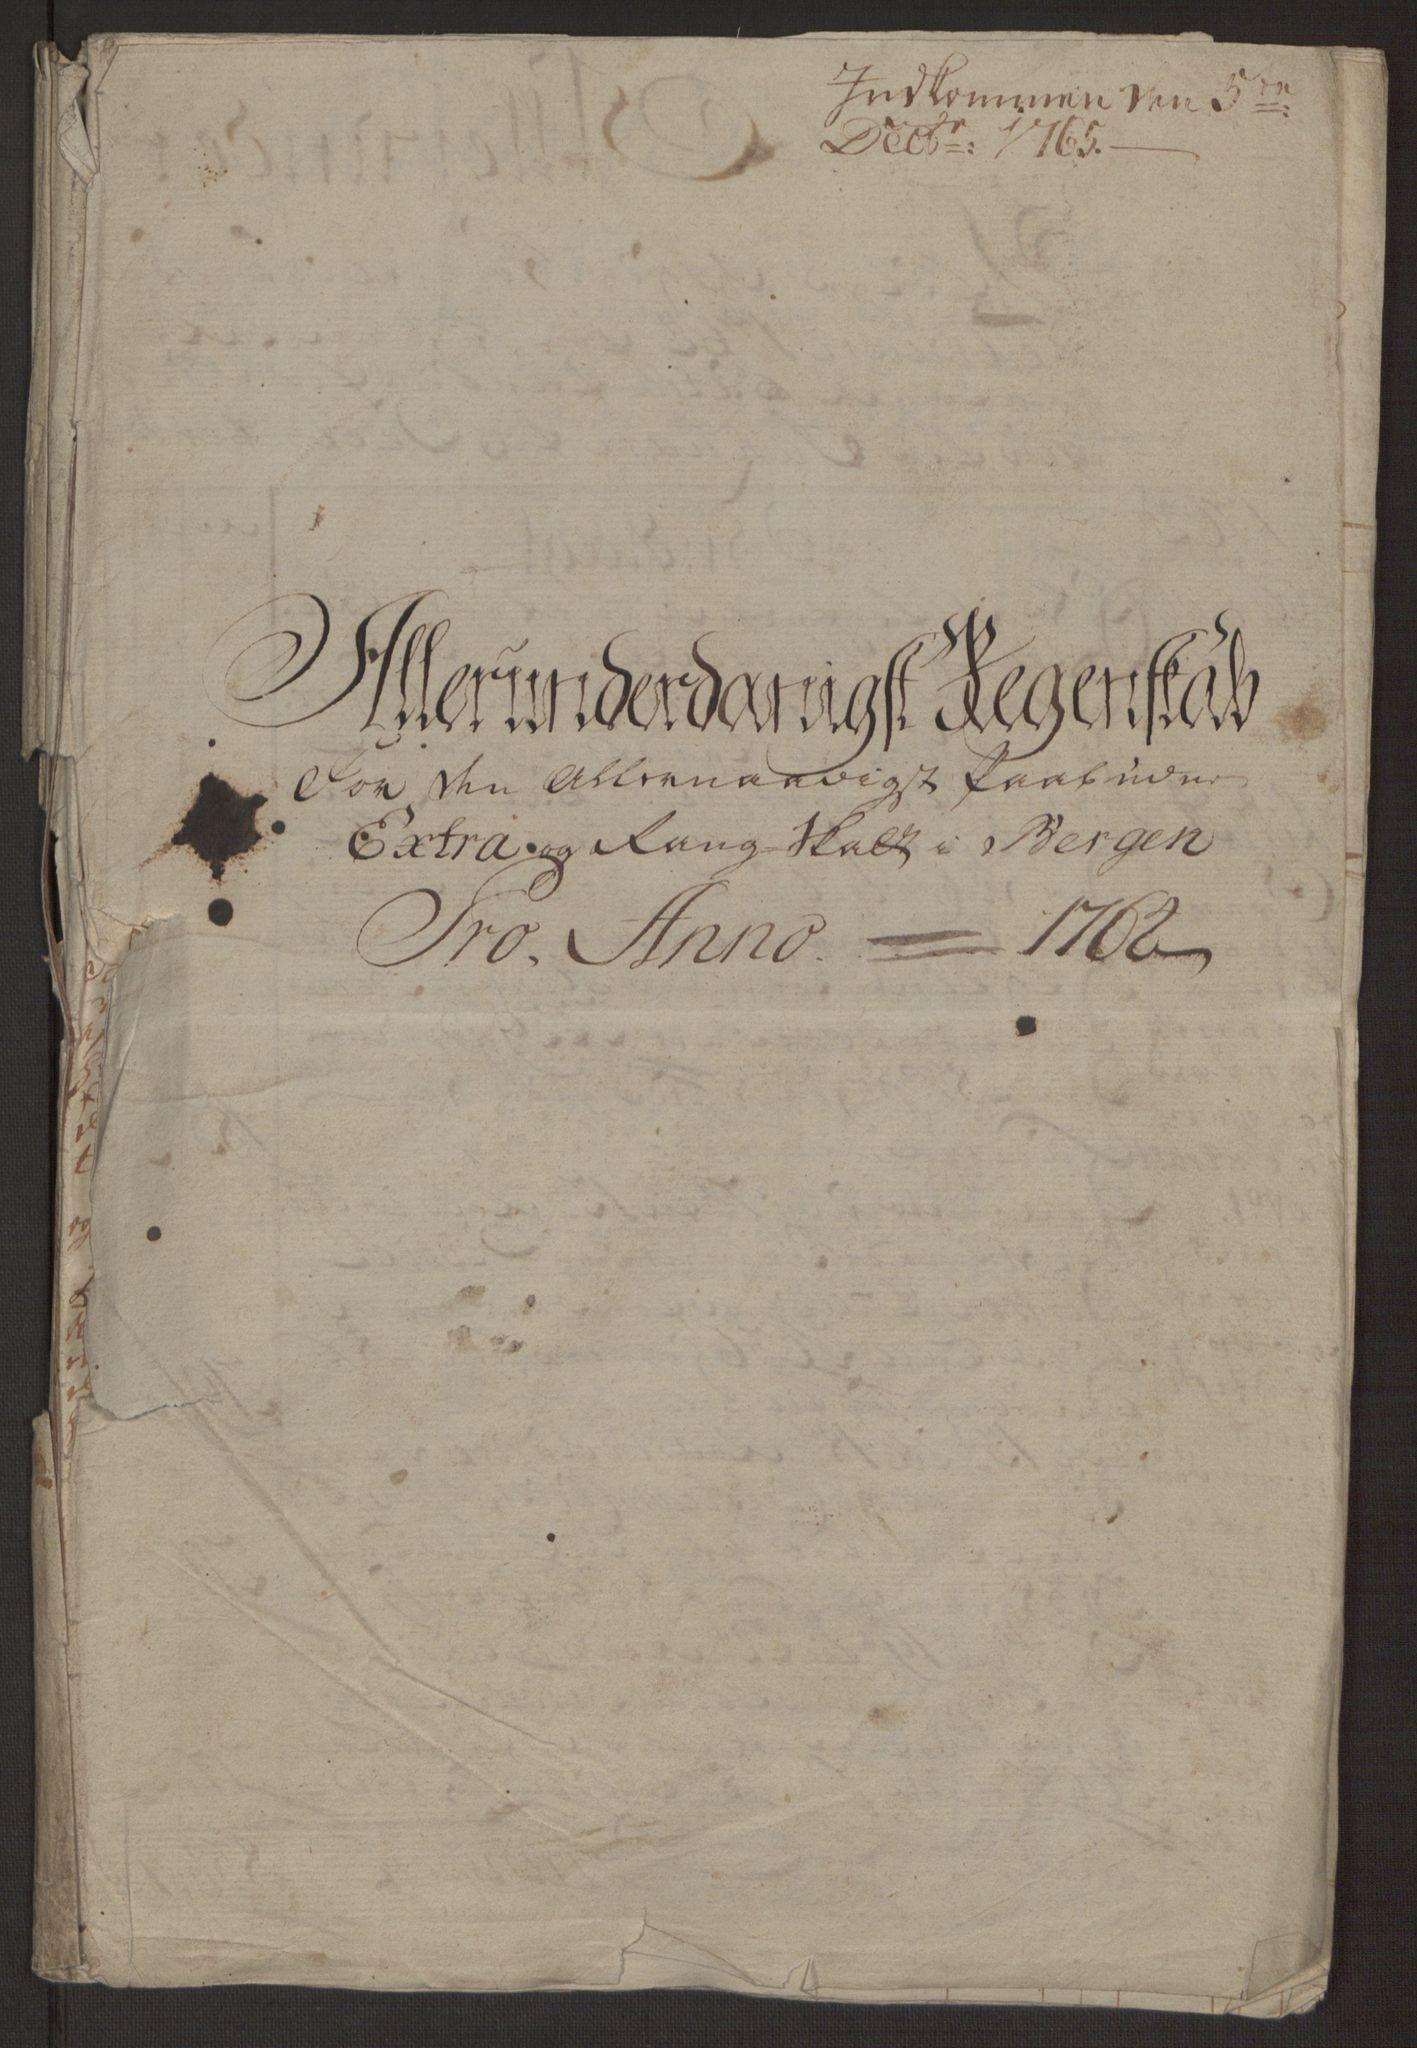 RA, Rentekammeret inntil 1814, Reviderte regnskaper, Byregnskaper, R/Rp/L0367: [P21] Kontribusjonsregnskap, 1764, s. 11